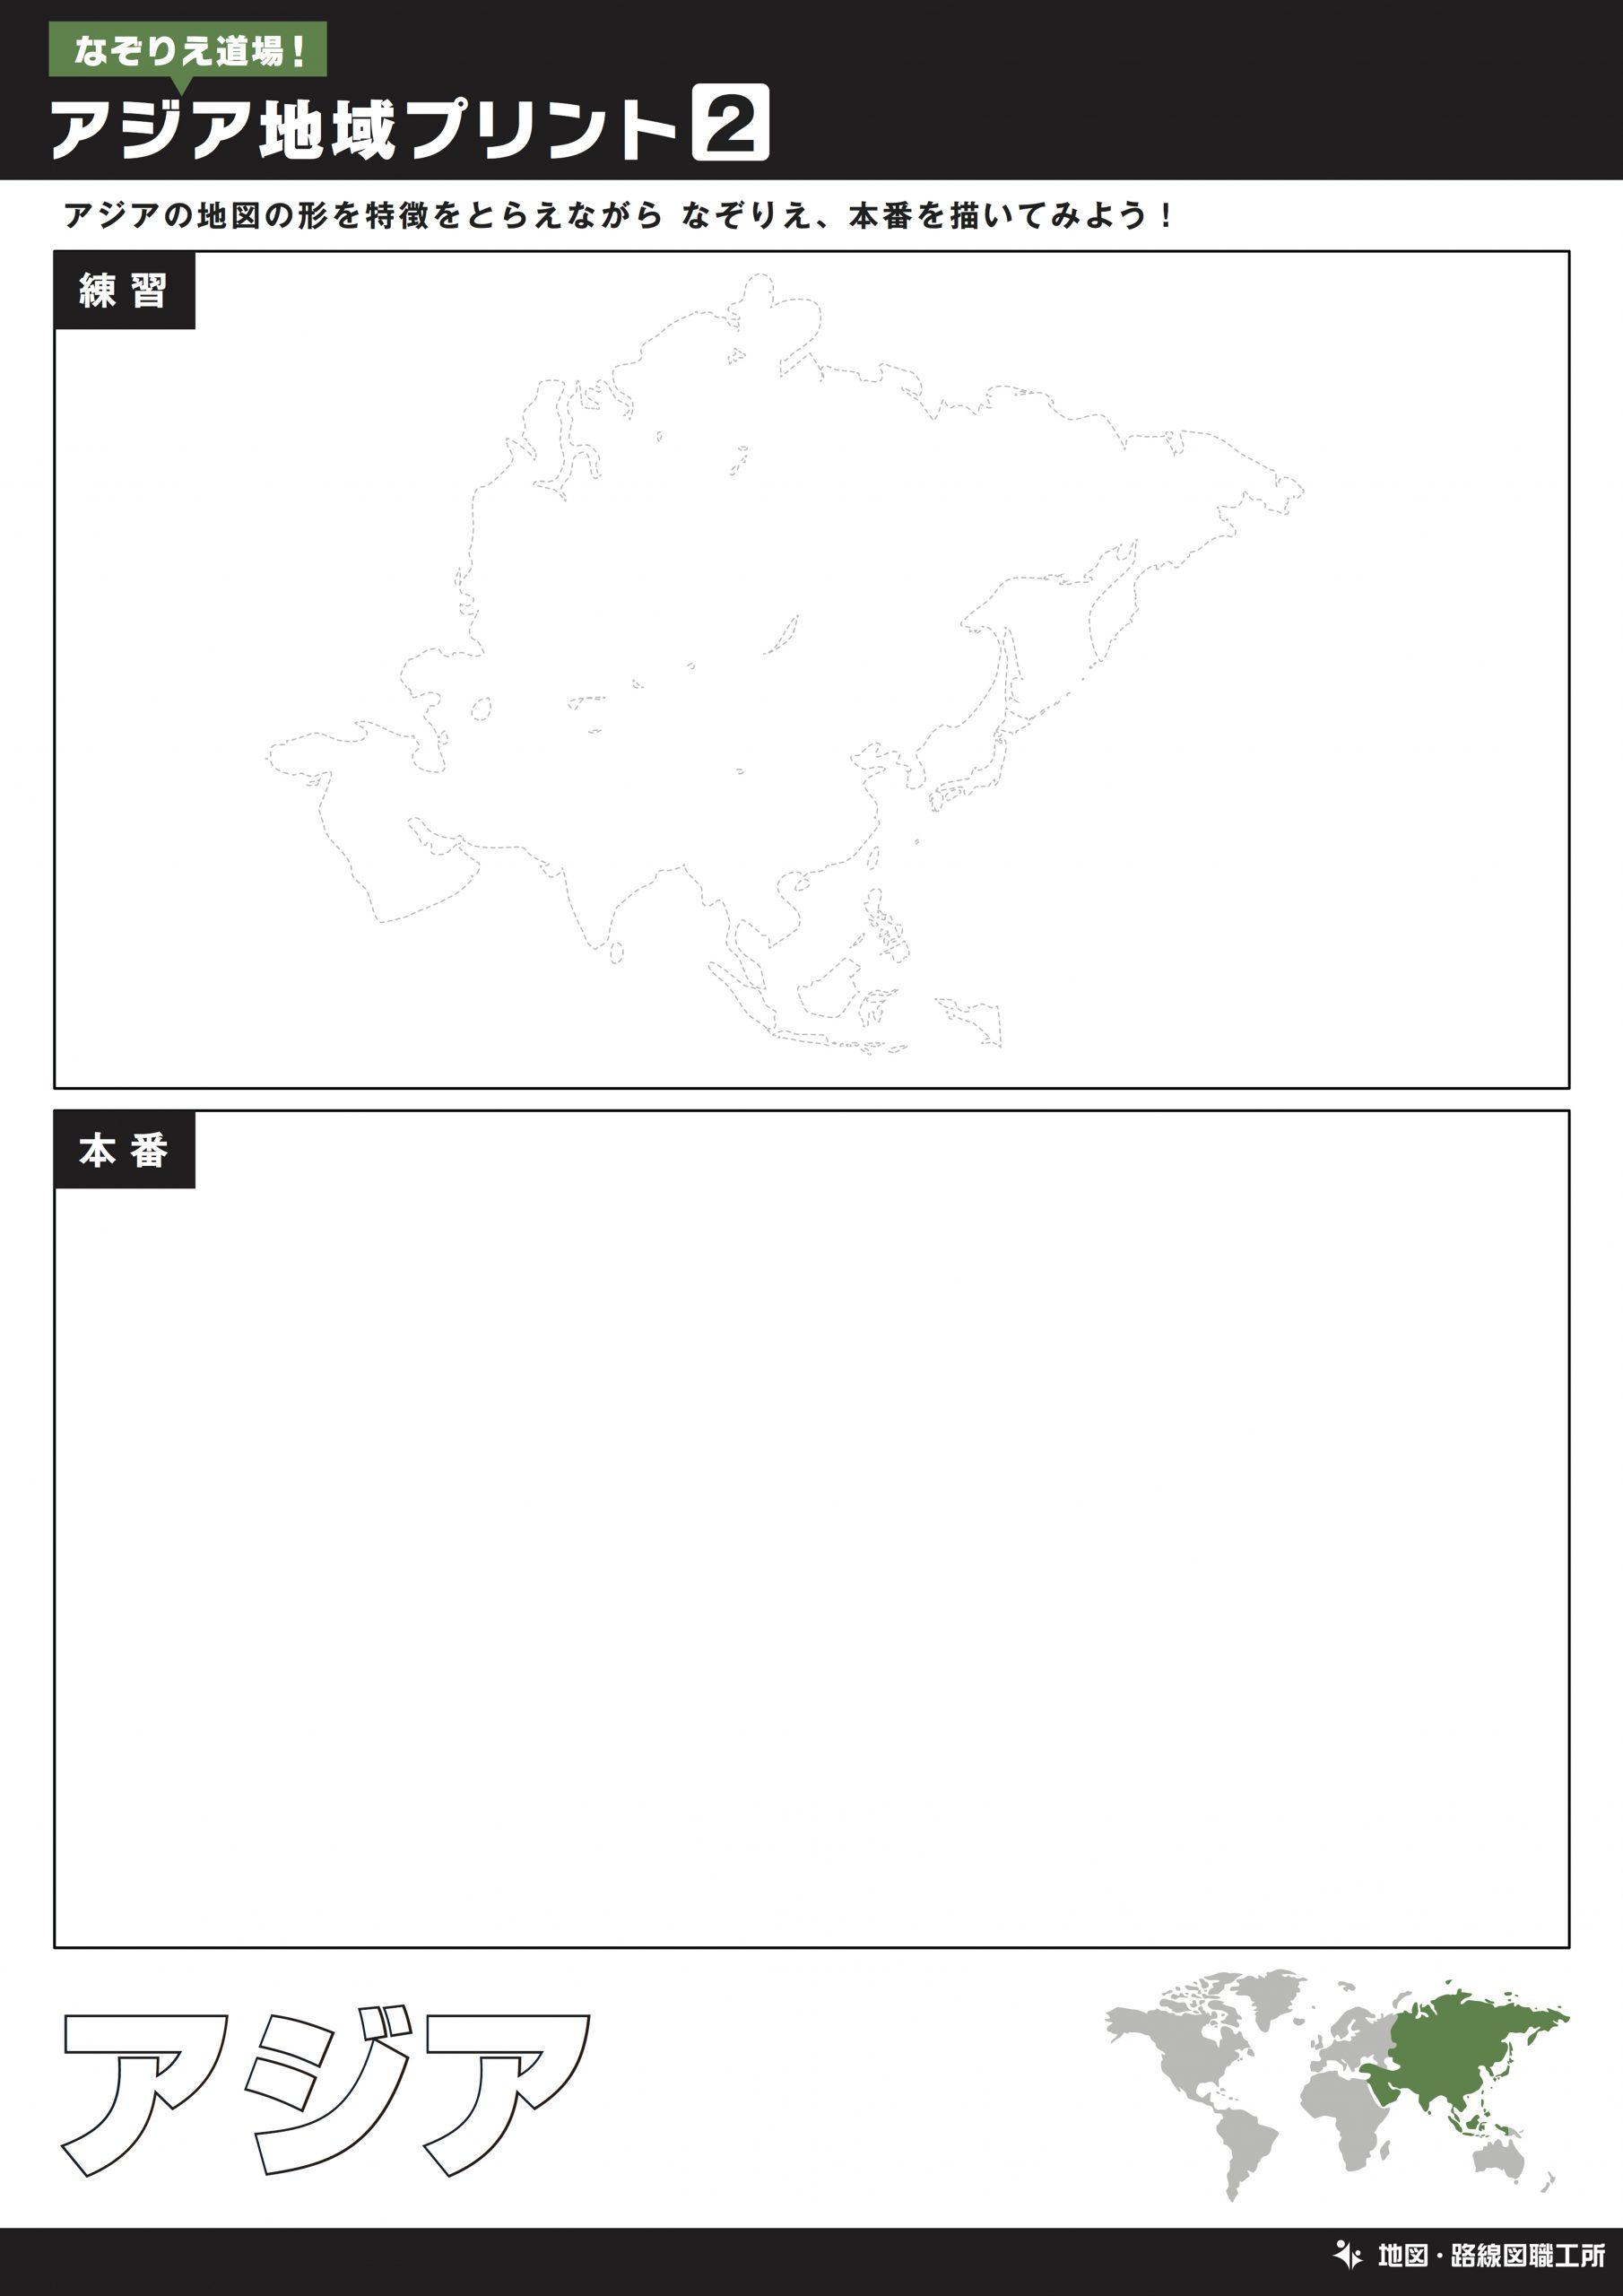 アジア地図をなぞって描く練習②